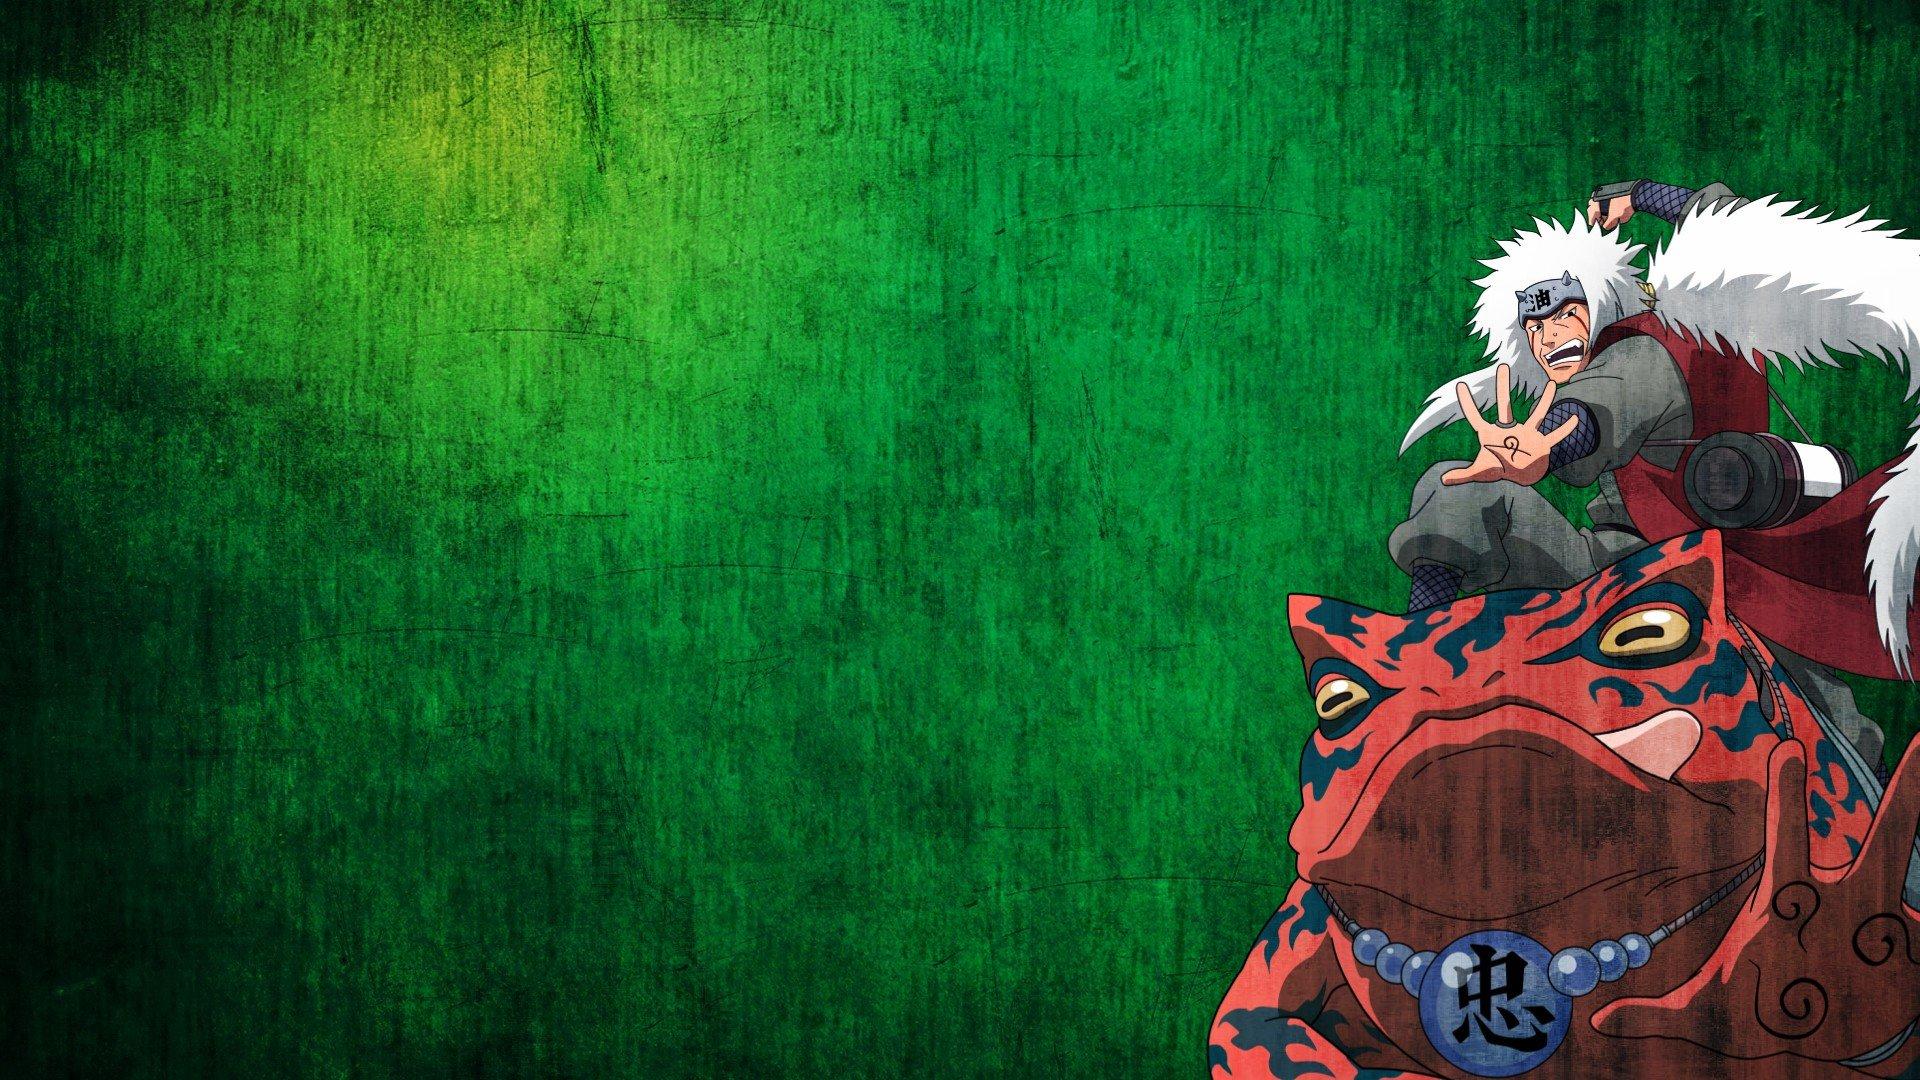 Di elezioni non vinte e analisi della non vittoria, di Bersani e di Grillo, di giovani e di vecchi e di giaguari da smacchiare, di Renzi e di Sanremo, di Giletti e di Nanni Moretti, di uno che vale uno e parole guerriere liberatorie, sempre e comunque parlando al paese.